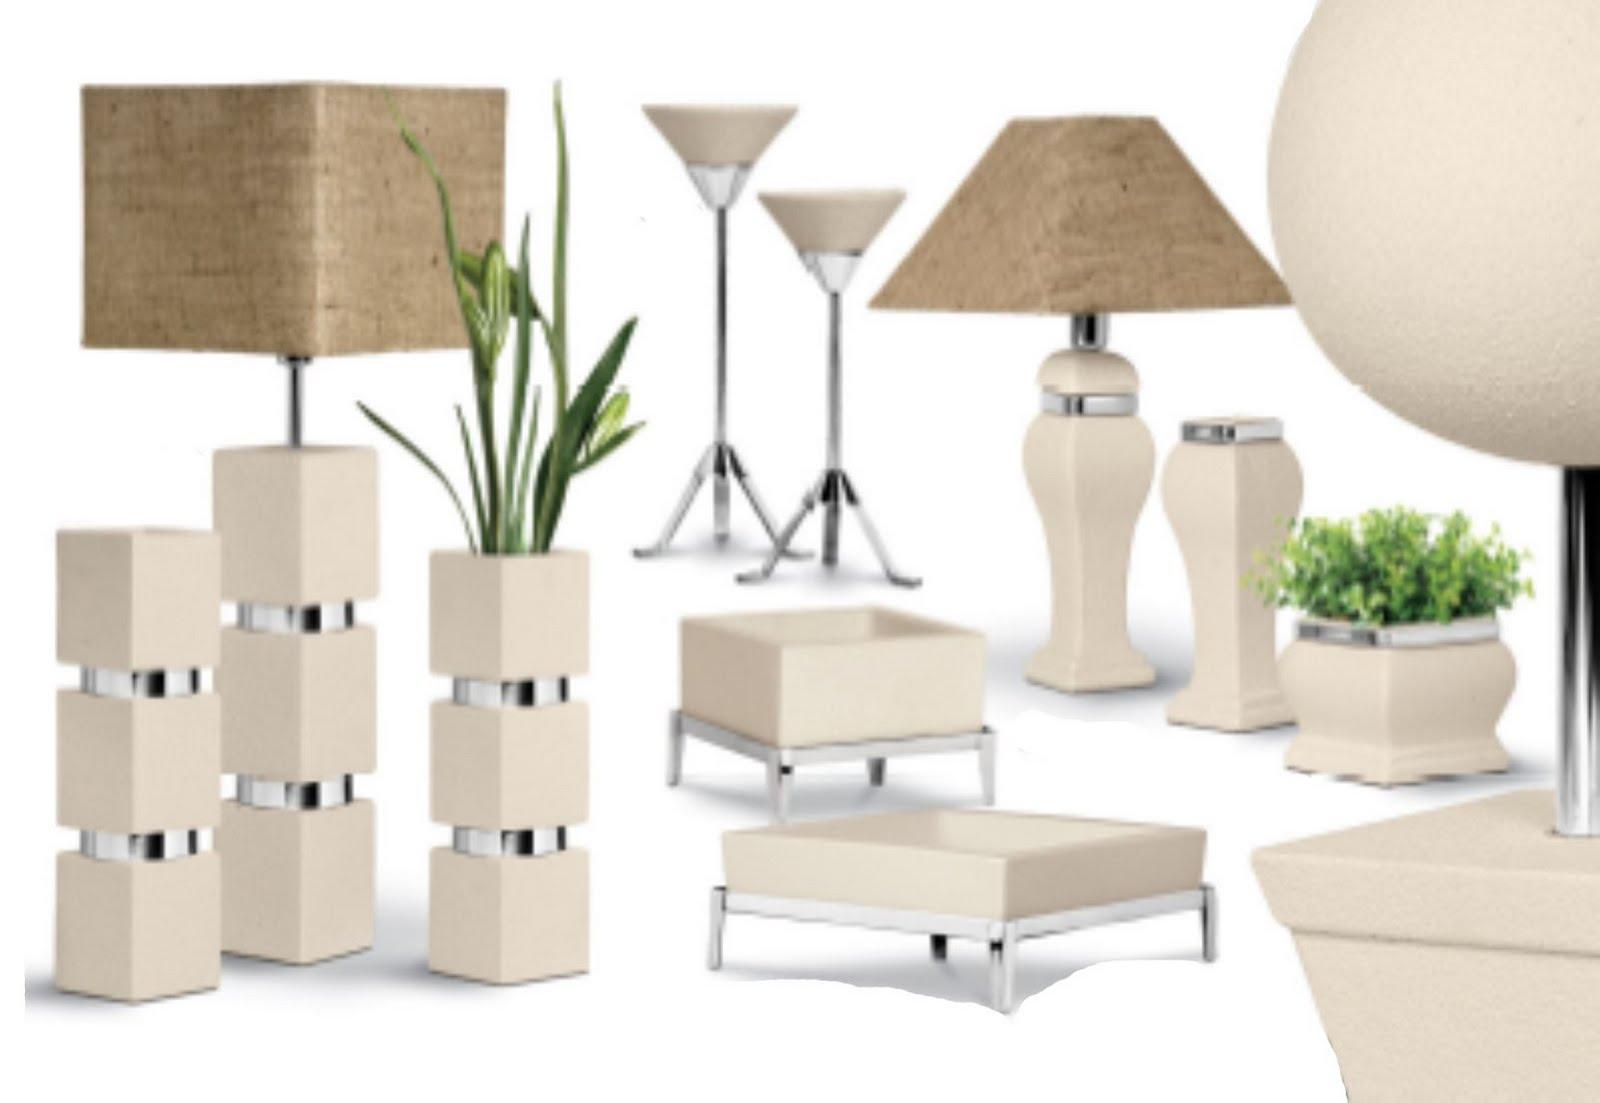 Objetos para a decora o de casas for Objetos decorativos casa